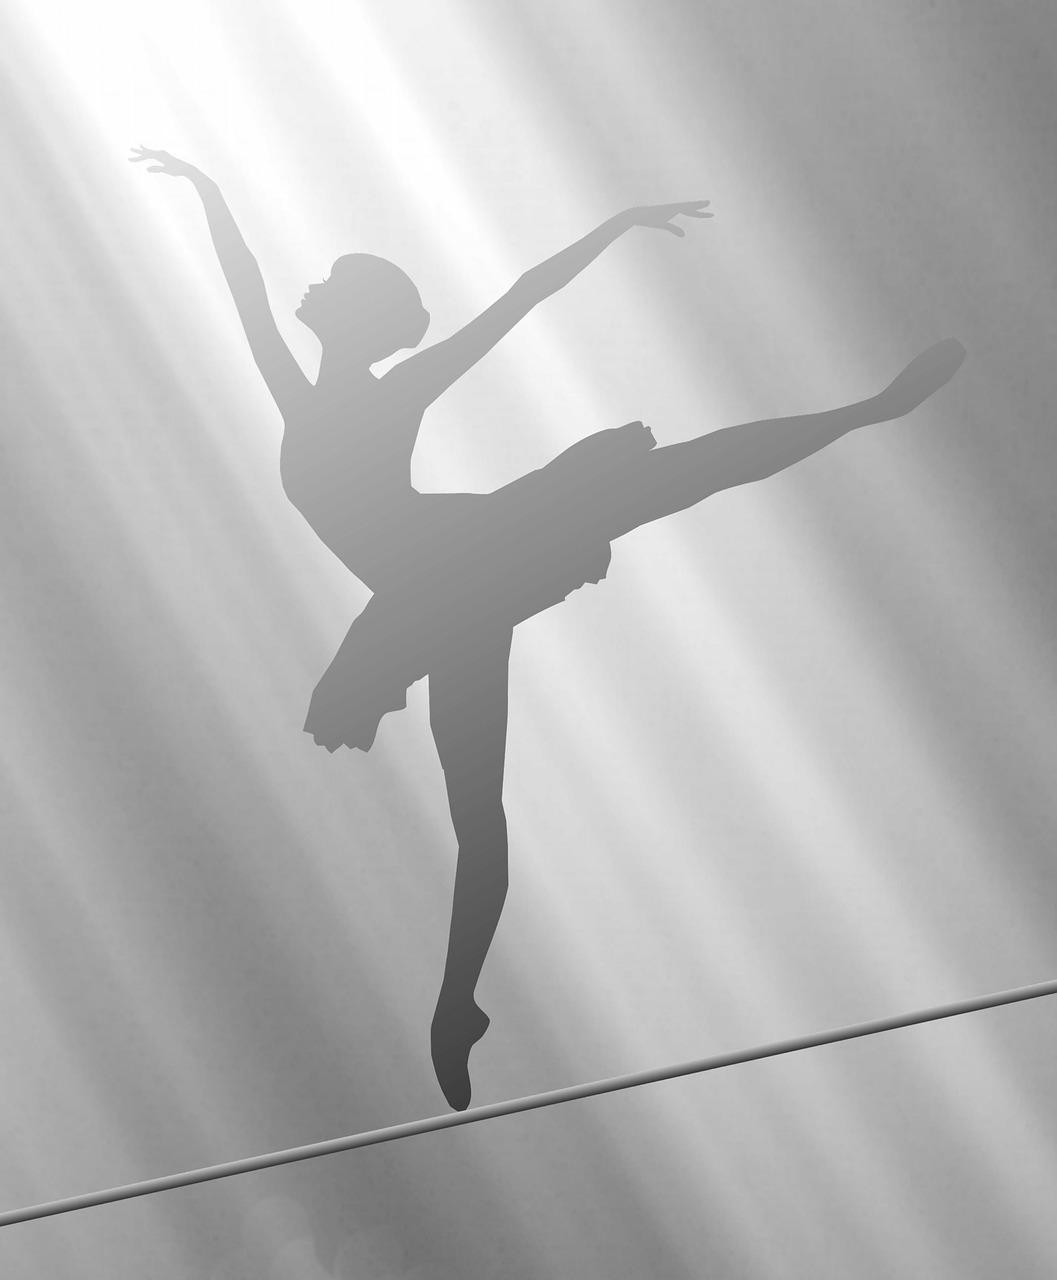 Танцовщица картинки тень